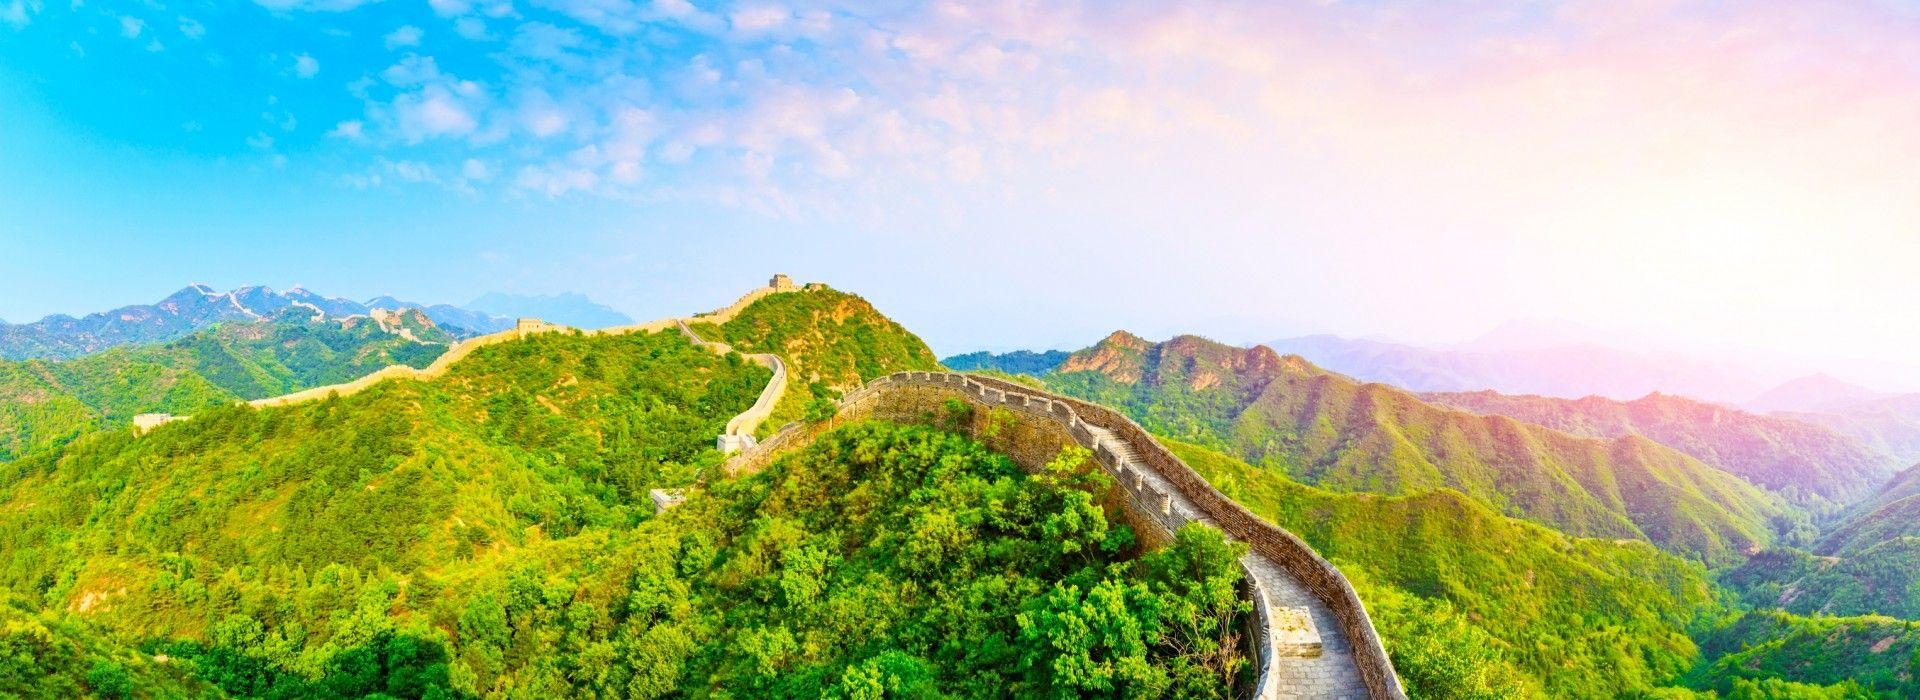 Adventure Tours in Kunming